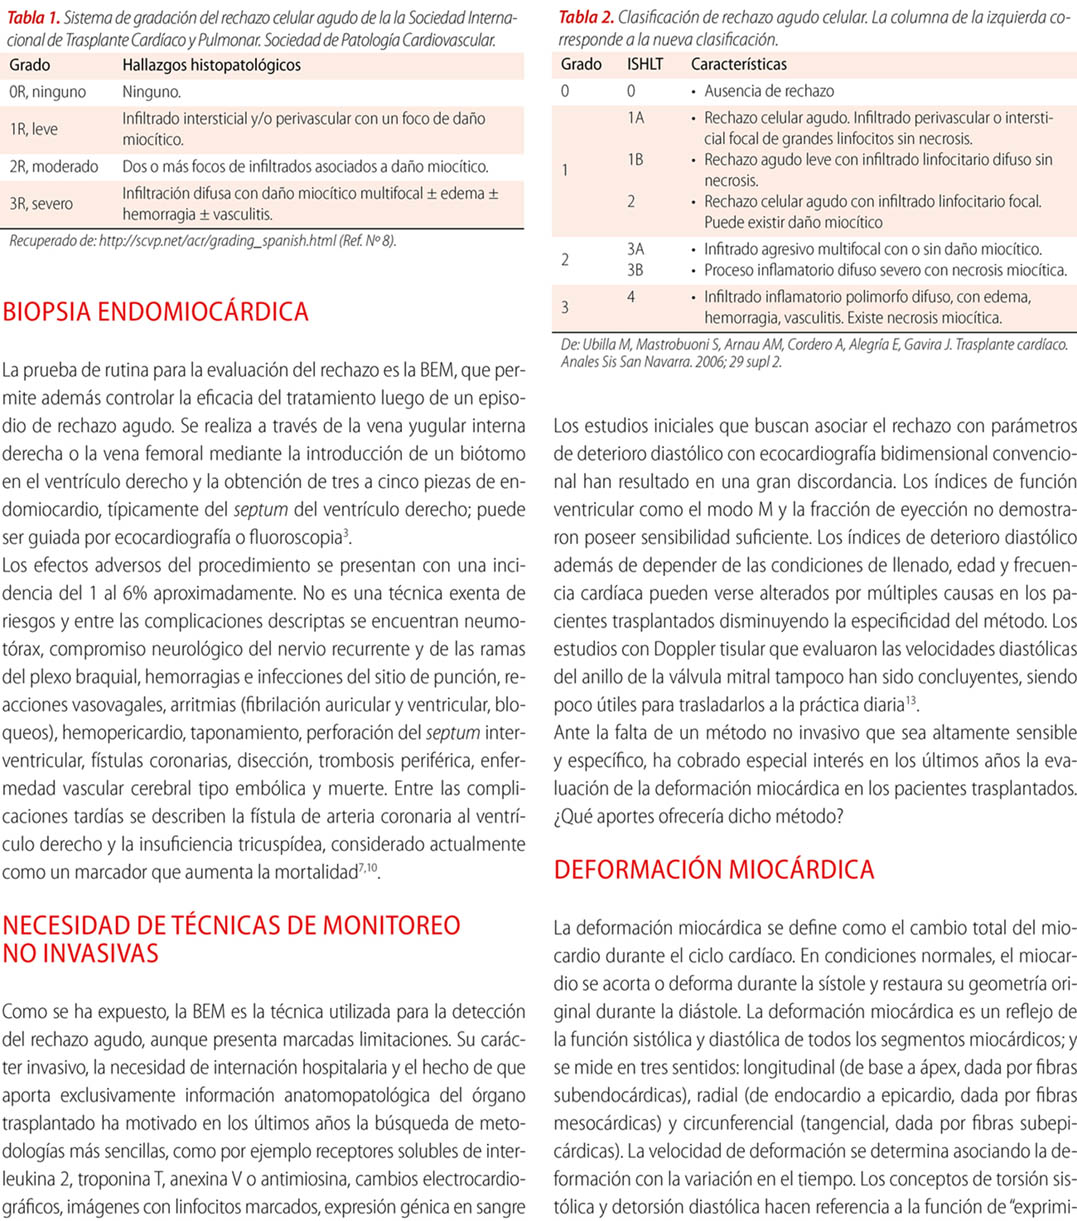 Deformación miocárdica como método alternativo a la biopsia para el diagnóstico de rechazo  de trasplante cardíaco